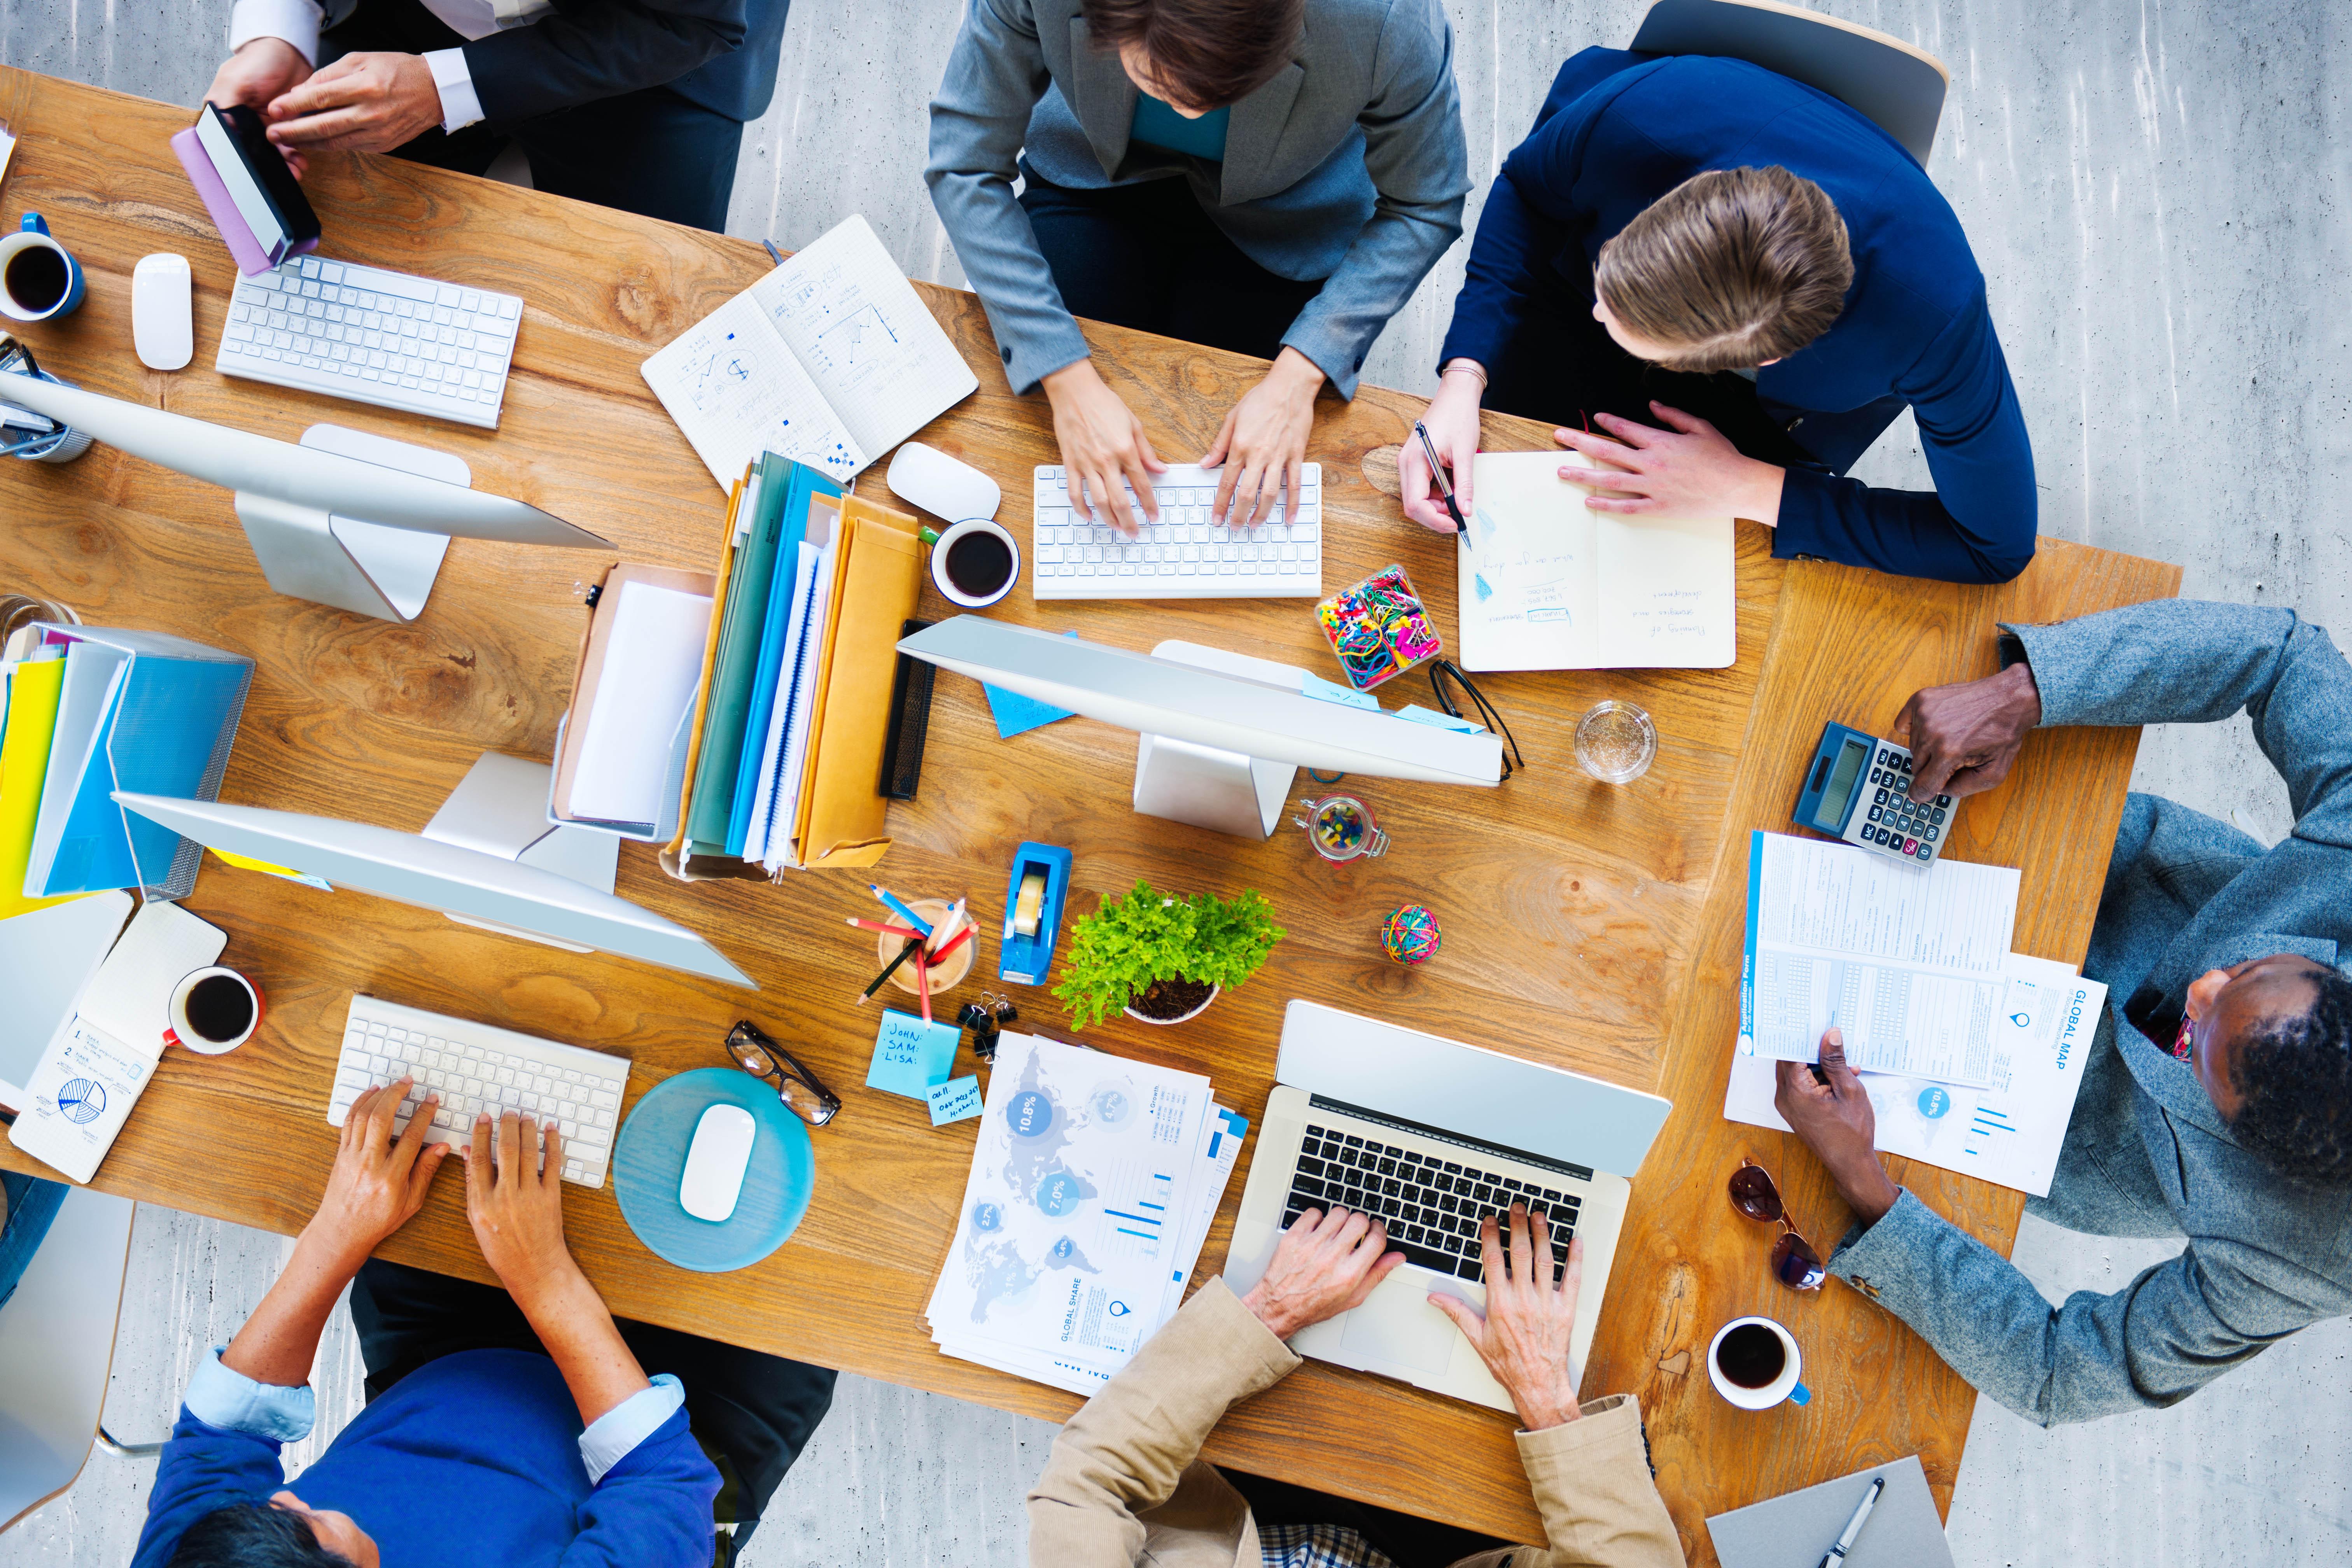 ליצור סביבת עבודה נעימה שתוציא את המקסימום מהעובדים (צילום: Shutterstock)